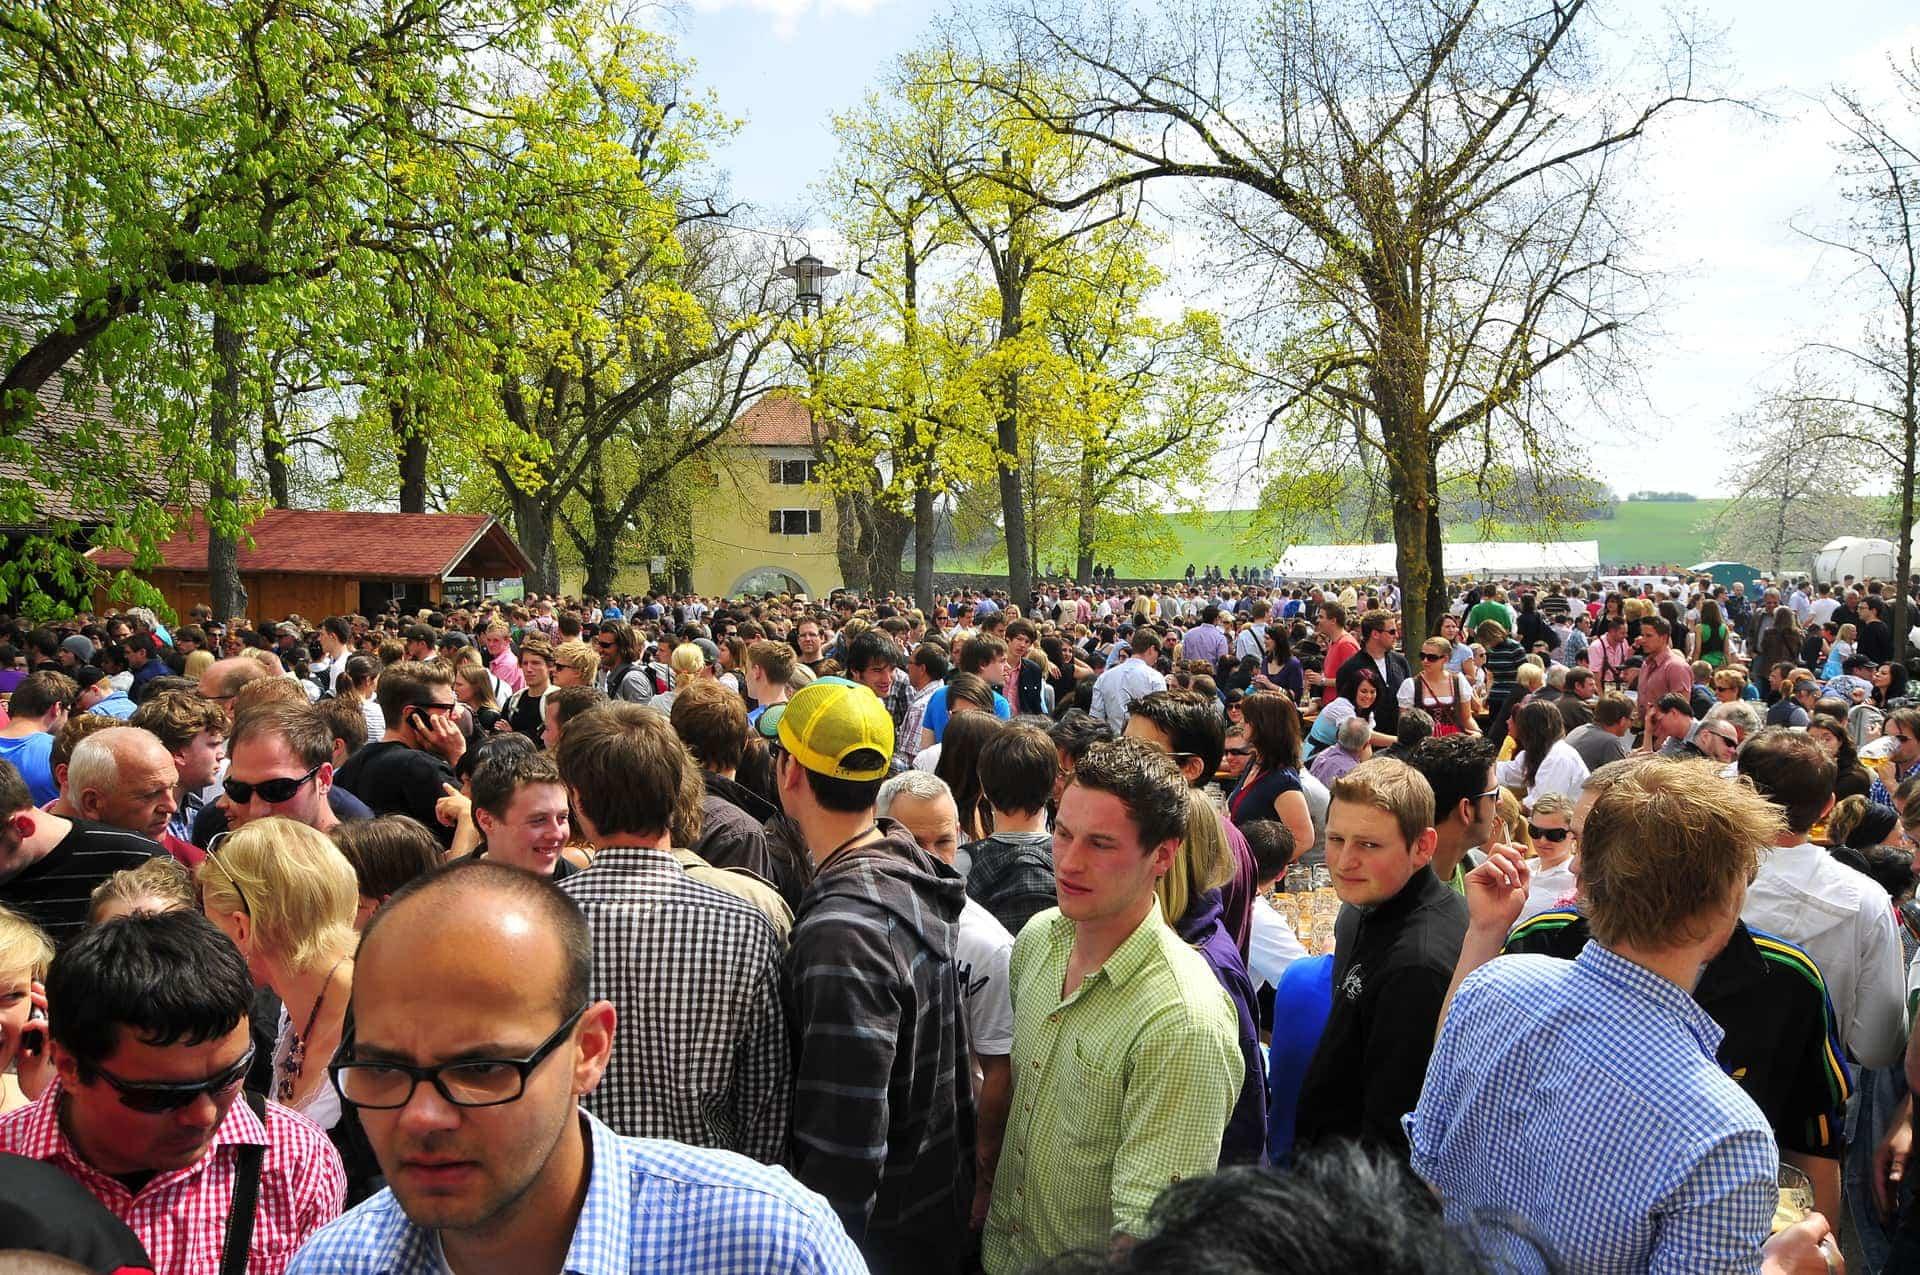 Polizei zieht Bilanz zum Palmator 2019 auf dem Adlersberg Größere Schlägereien blieben beim Starkbierfest aus